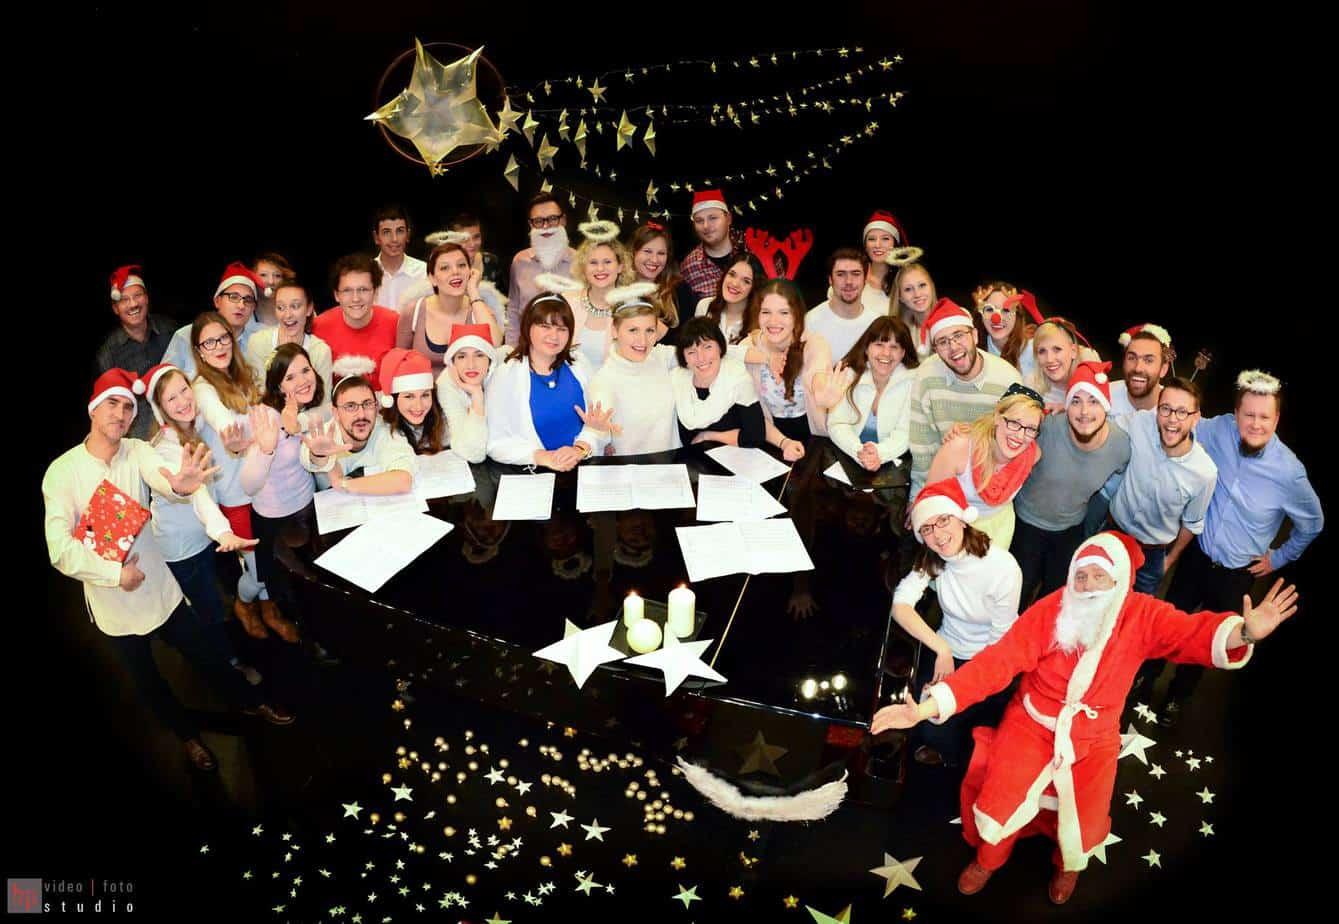 Życzenia świąteczno - noworoczne od AChUG